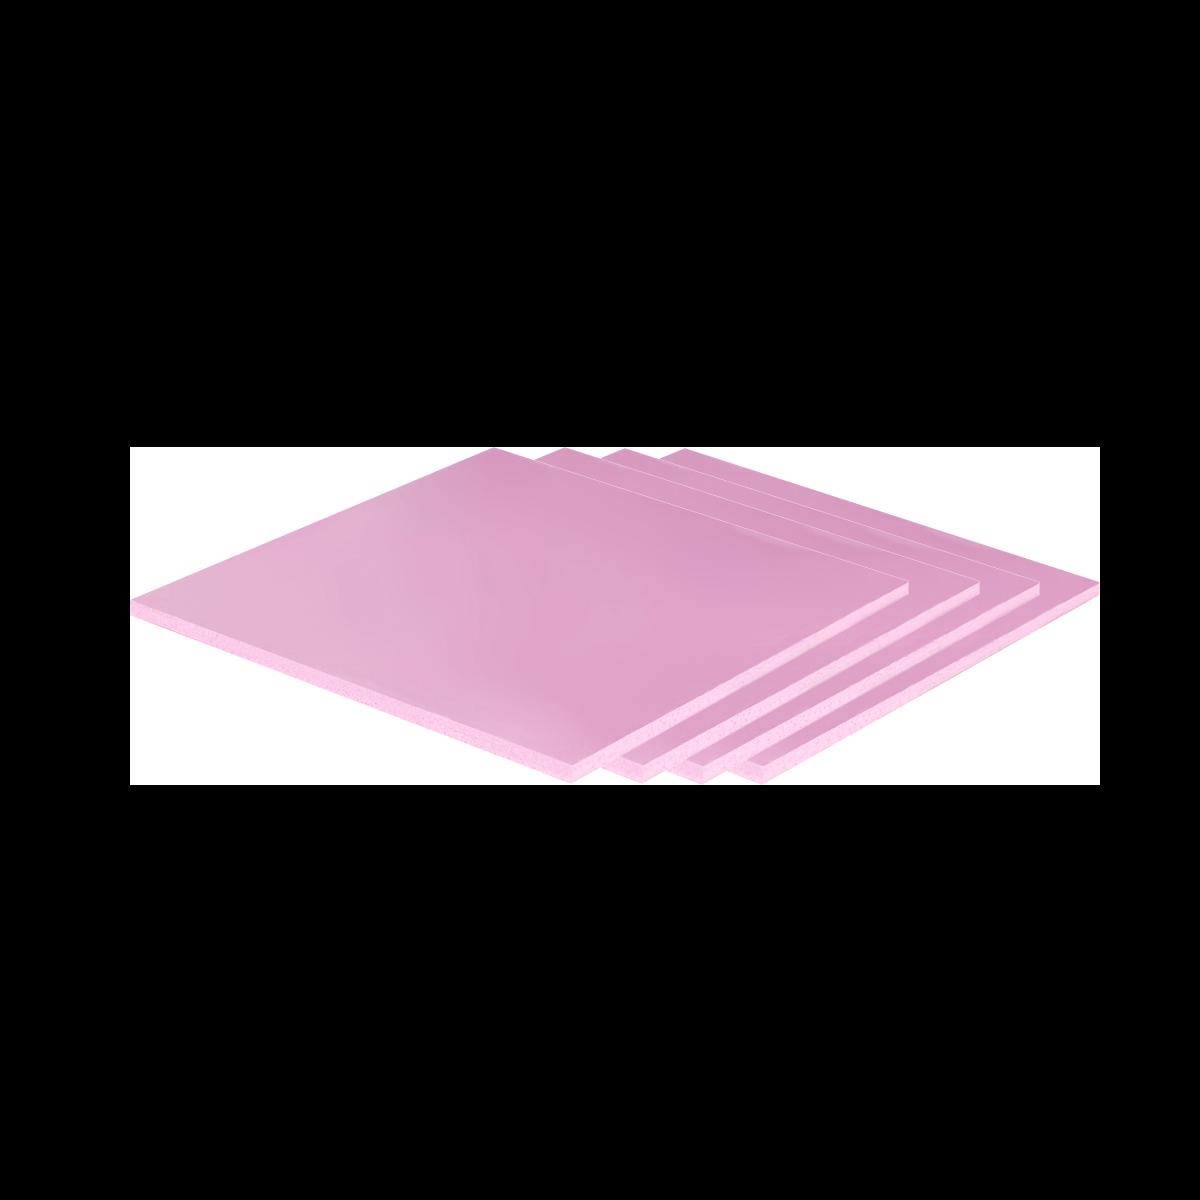 Thermal Pad - APT2012